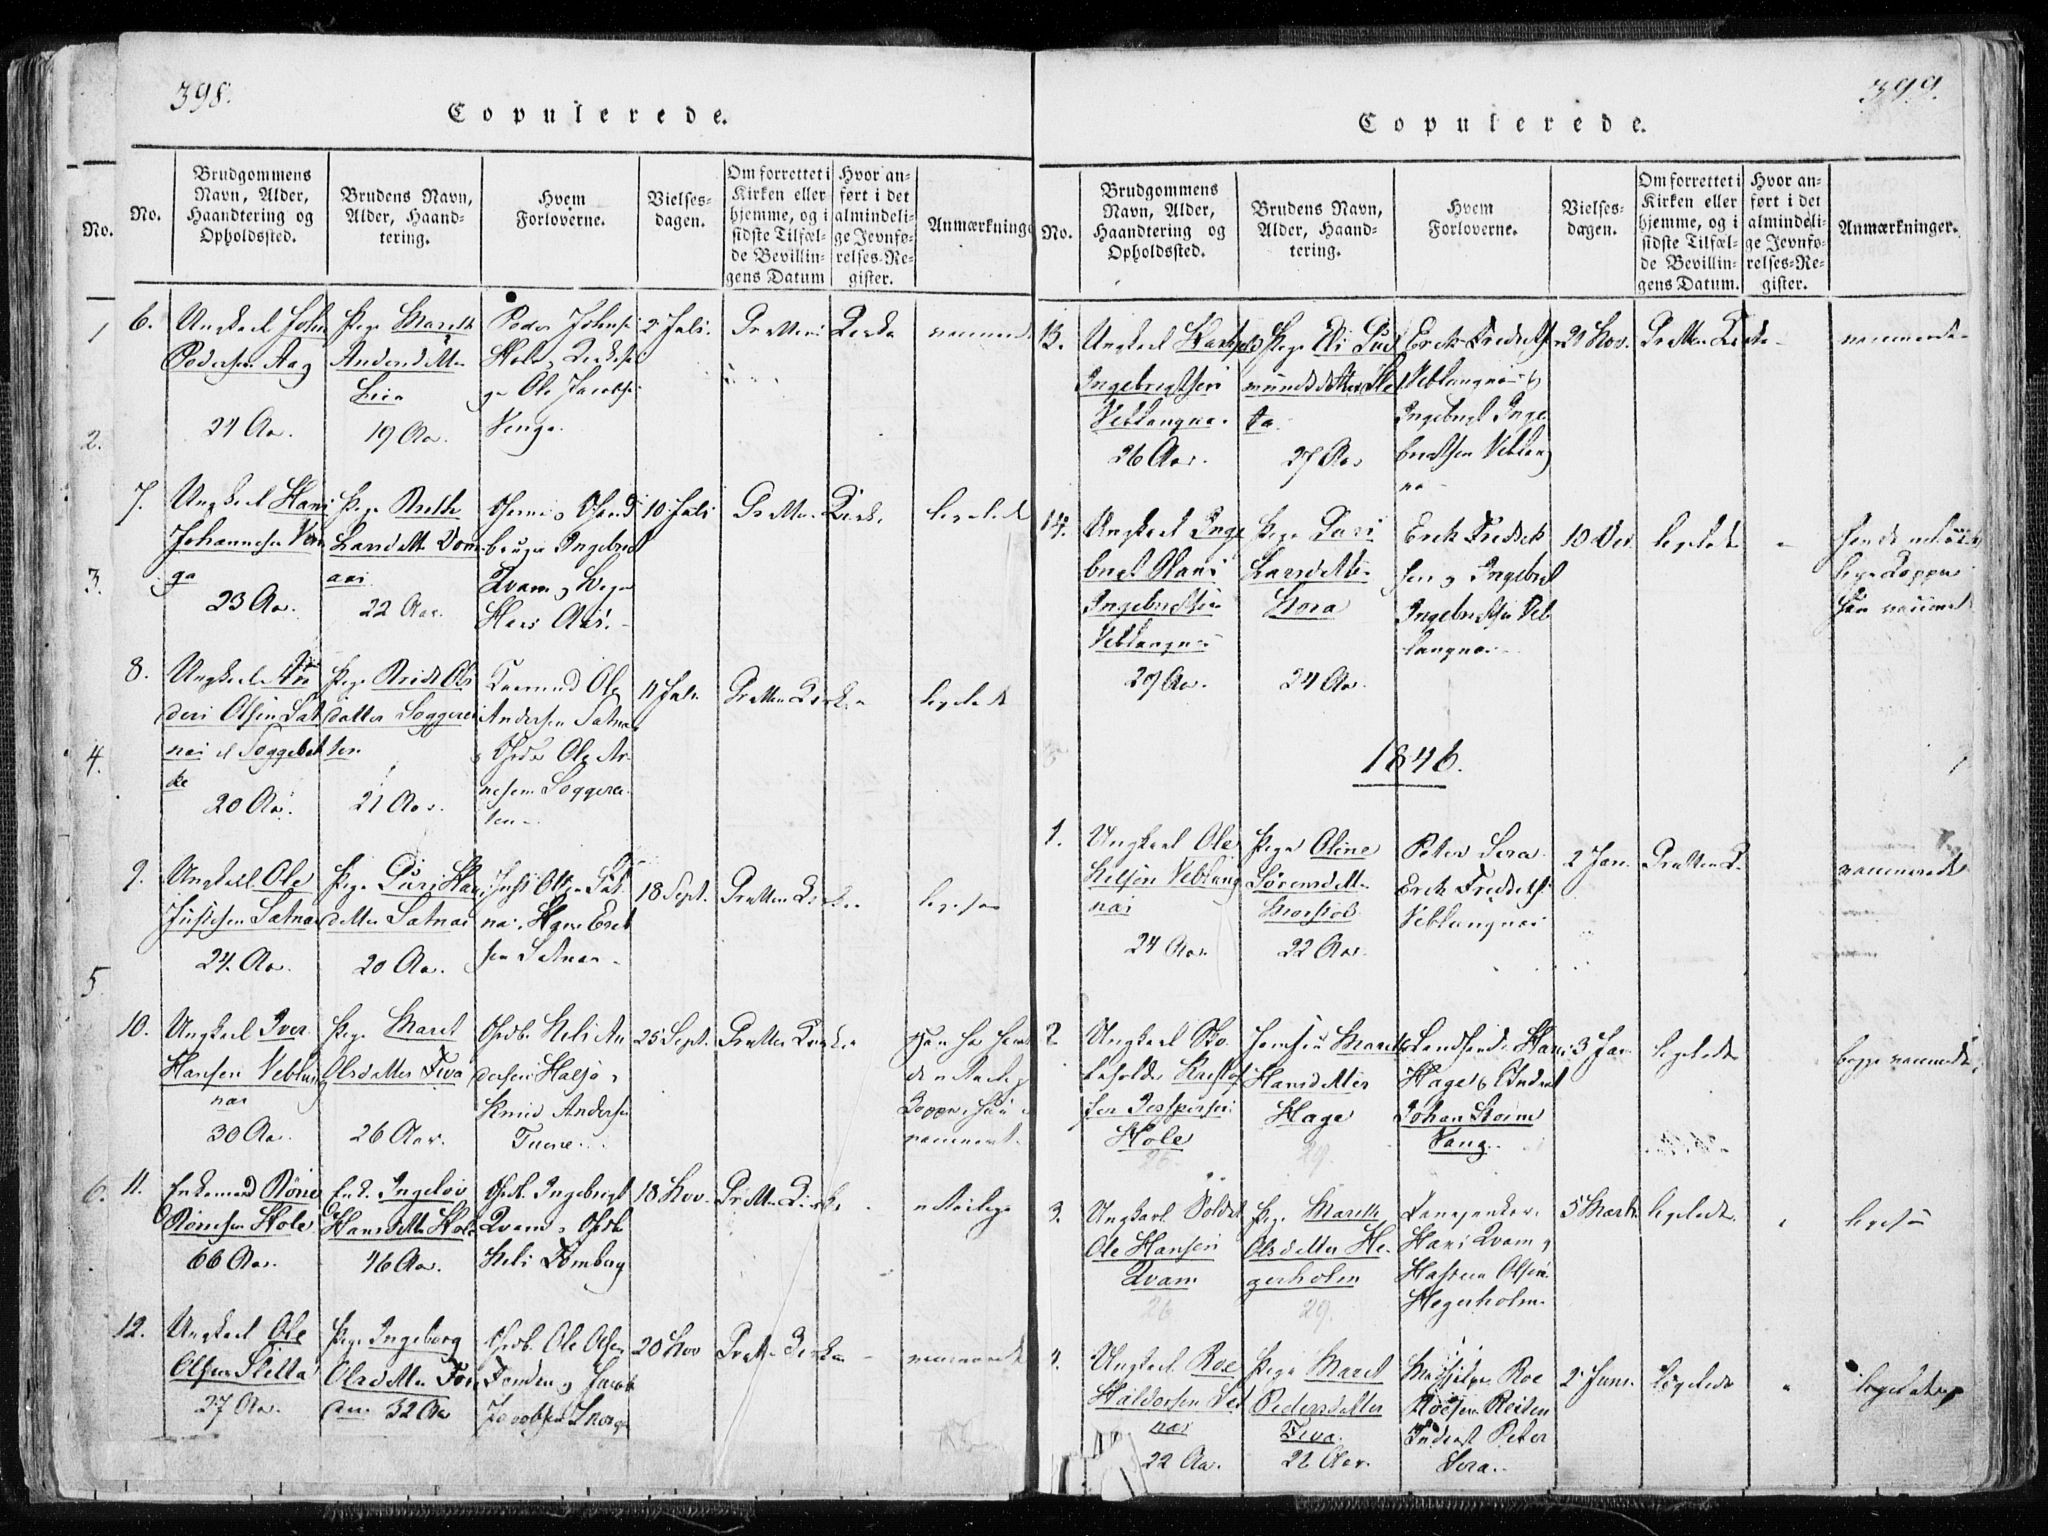 SAT, Ministerialprotokoller, klokkerbøker og fødselsregistre - Møre og Romsdal, 544/L0571: Ministerialbok nr. 544A04, 1818-1853, s. 398-399